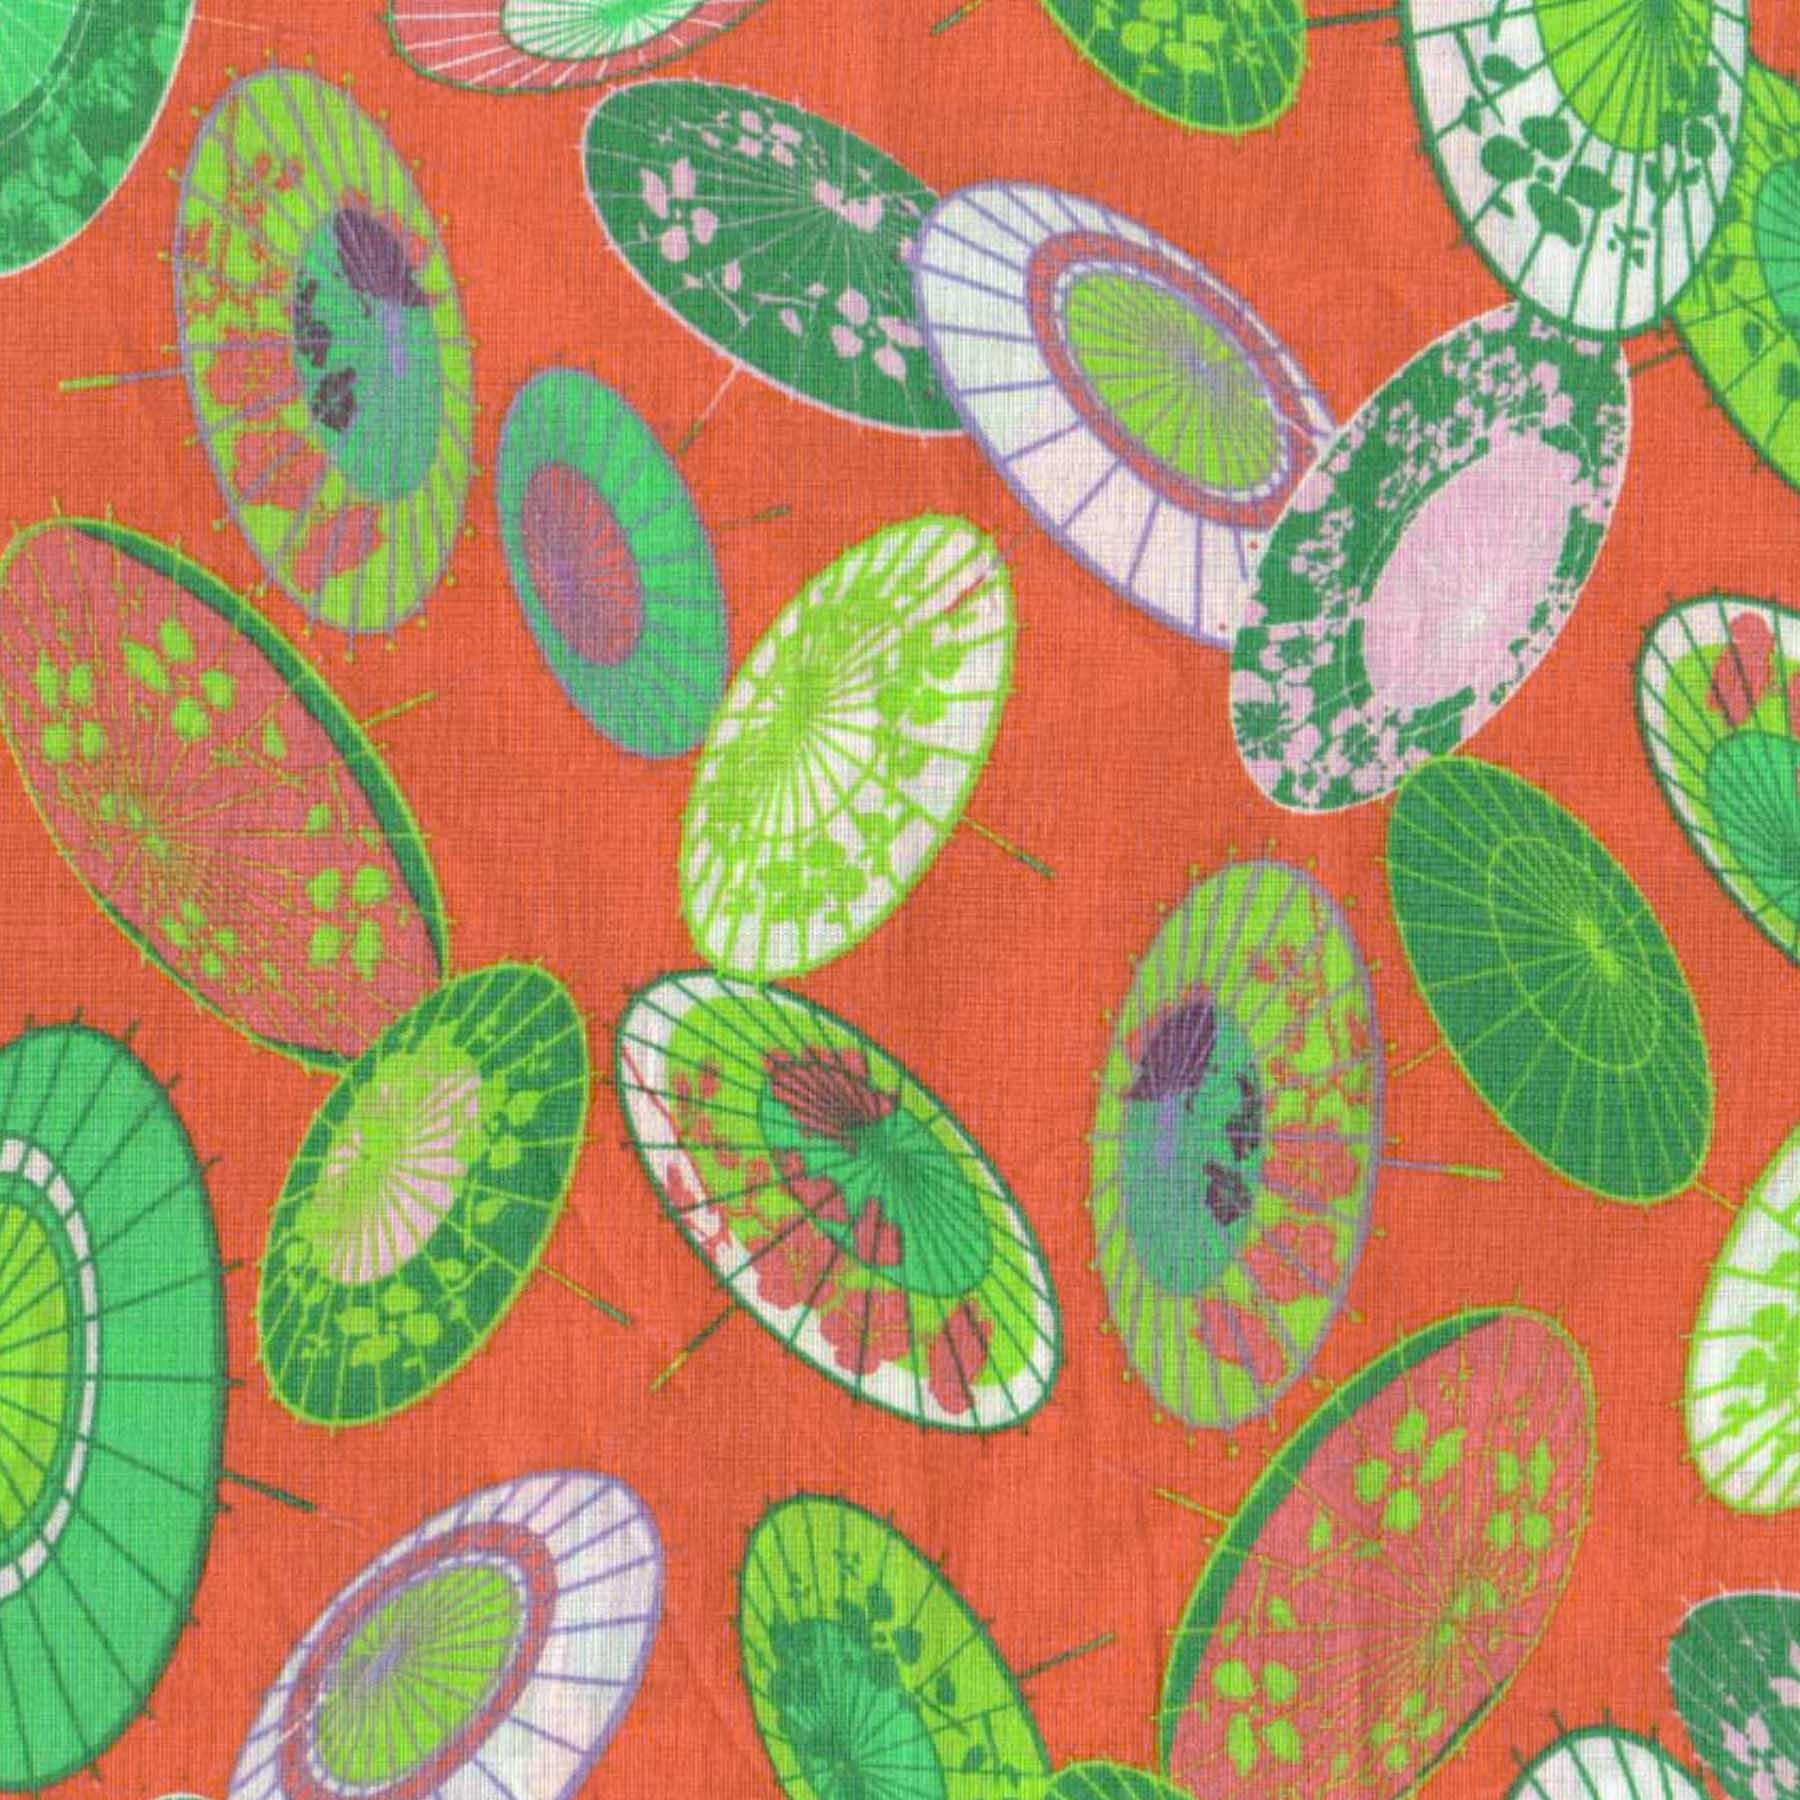 Tecido Tricoline estampado guarda-chuva colorido